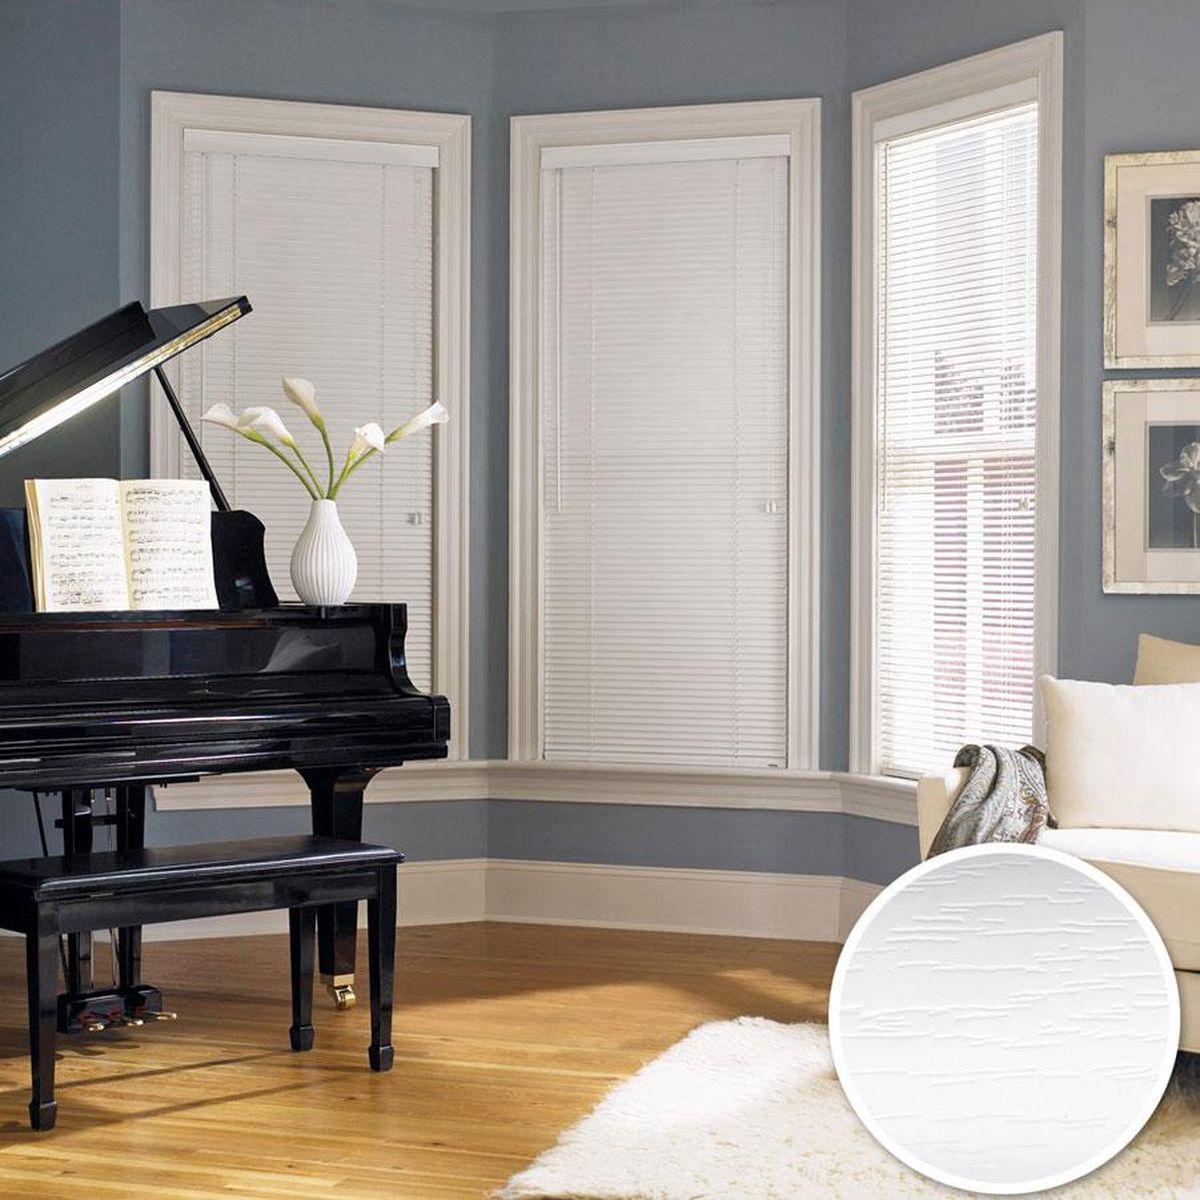 Жалюзи Эскар, цвет: белый, ширина 120 см, высота 160 см61008120160Хотите, не загромождая оконный проем, украсить его? Повесьте пластиковые жалюзи. Как элегантно и невесомо они смотрятся! И отлично защищают от ярких солнечных лучей. • Большой выбор стильных цветовых решений представлен светлыми и более насыщенными оттенками. • Разнообразие размеров позволит без проблем подобрать подходящее по всем характеристикам изделие. • Конструкция отличается легкостью, простотой эксплуатации.